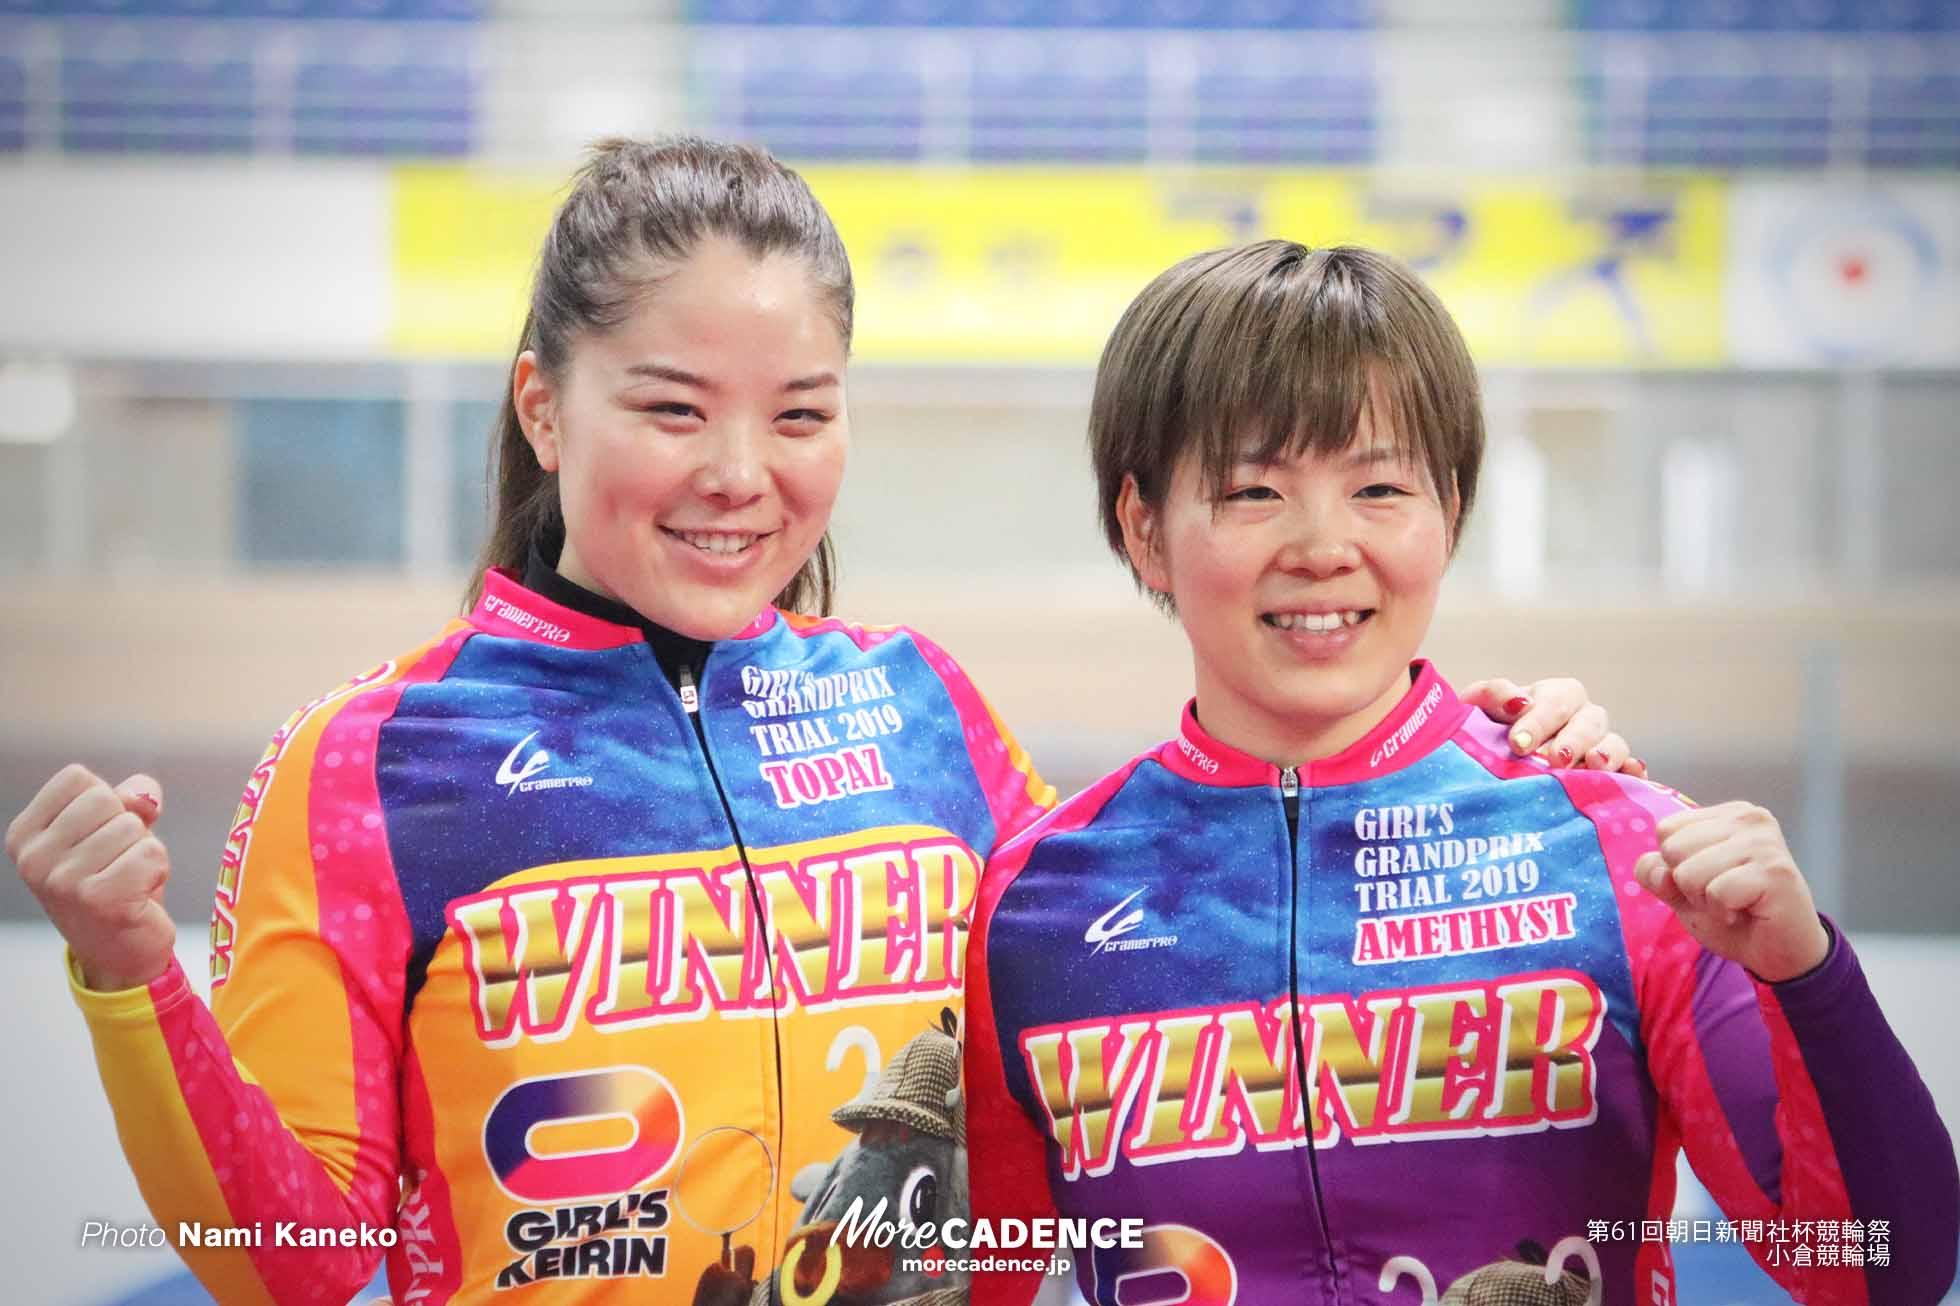 競輪祭 ガールズケイリングランプリトライアル 小林優香 梅川風子